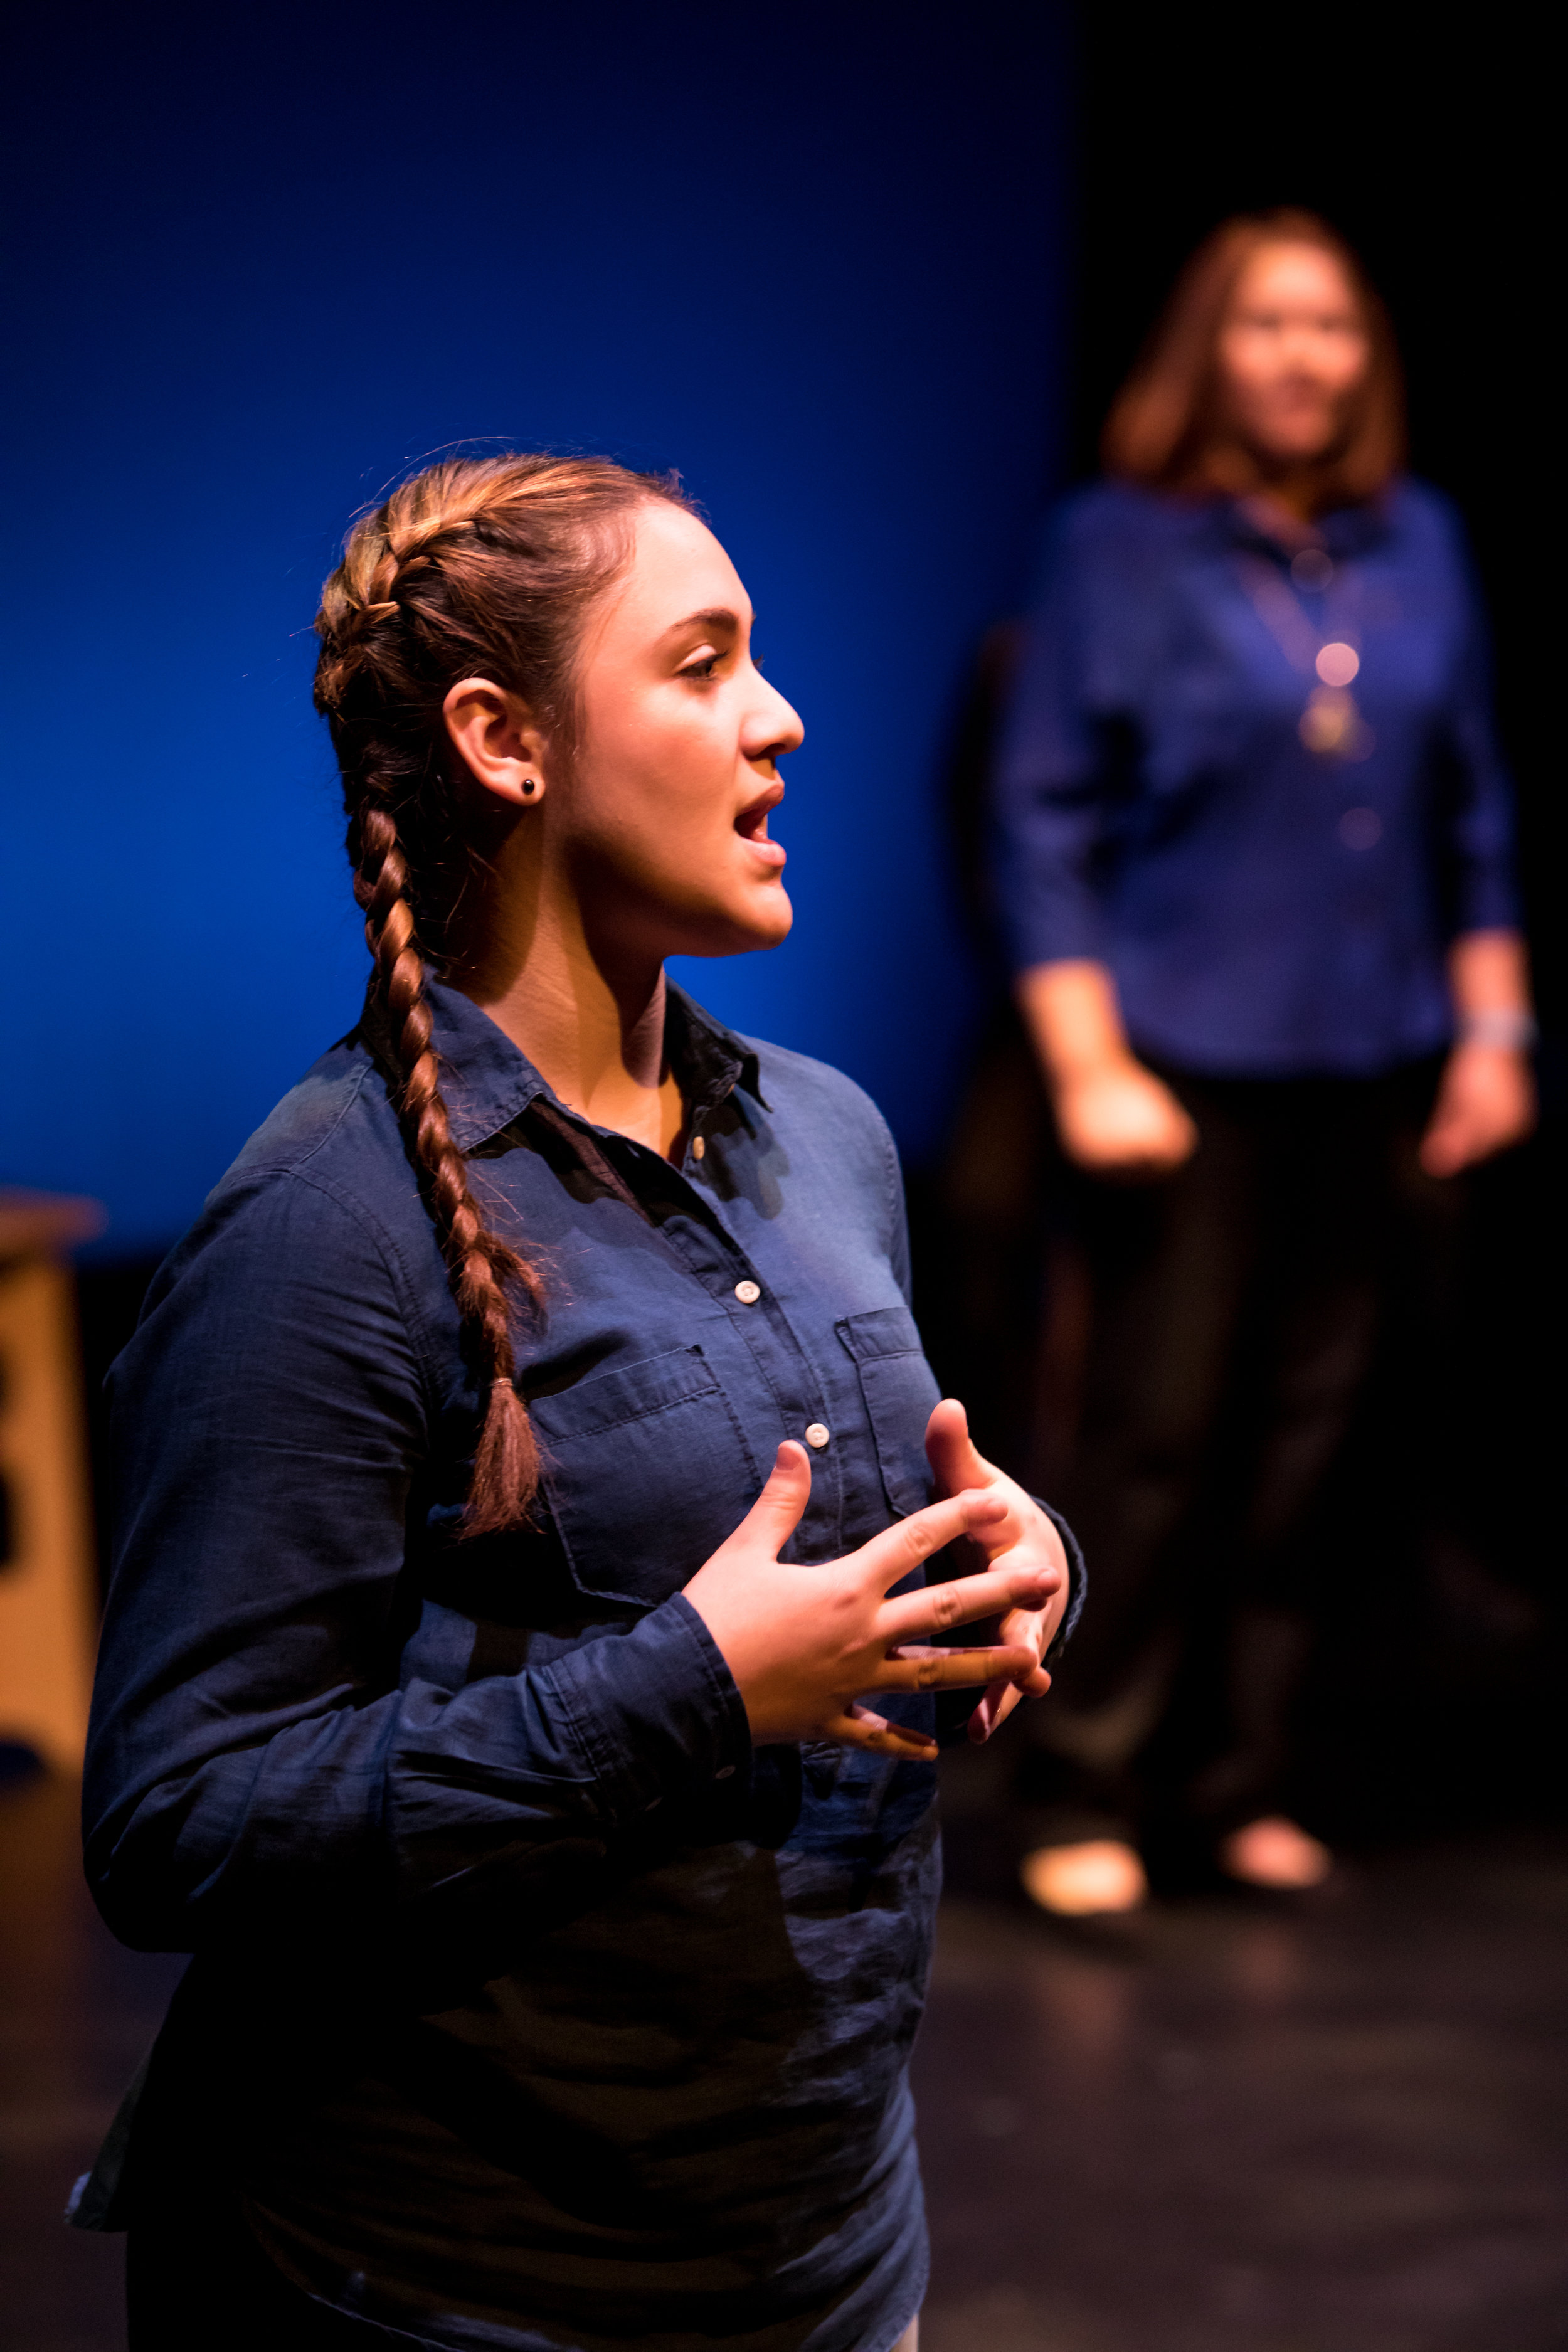 إمرأة على خشبة المسرح